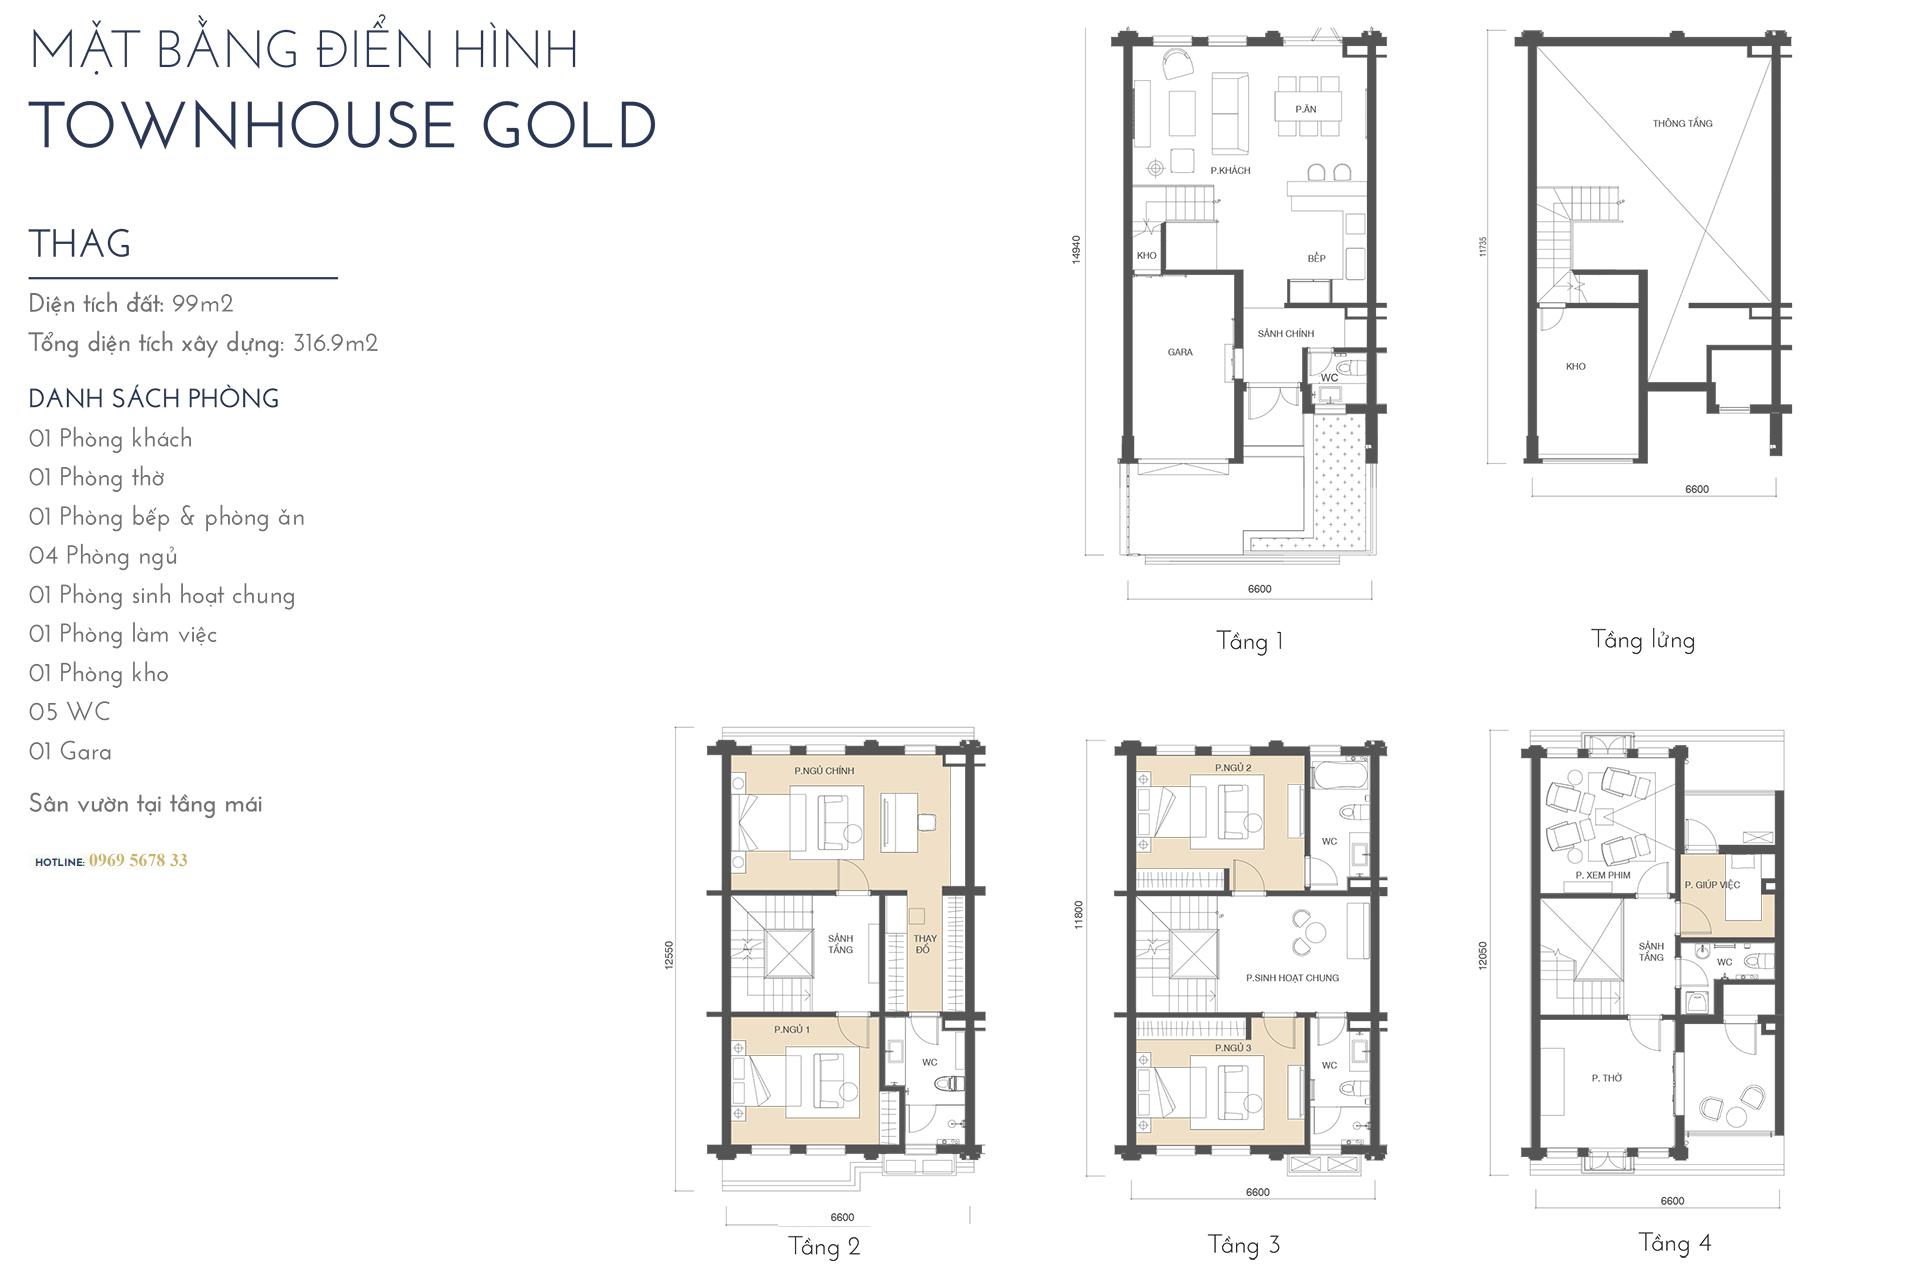 townhouse gold thag - Trang chủ